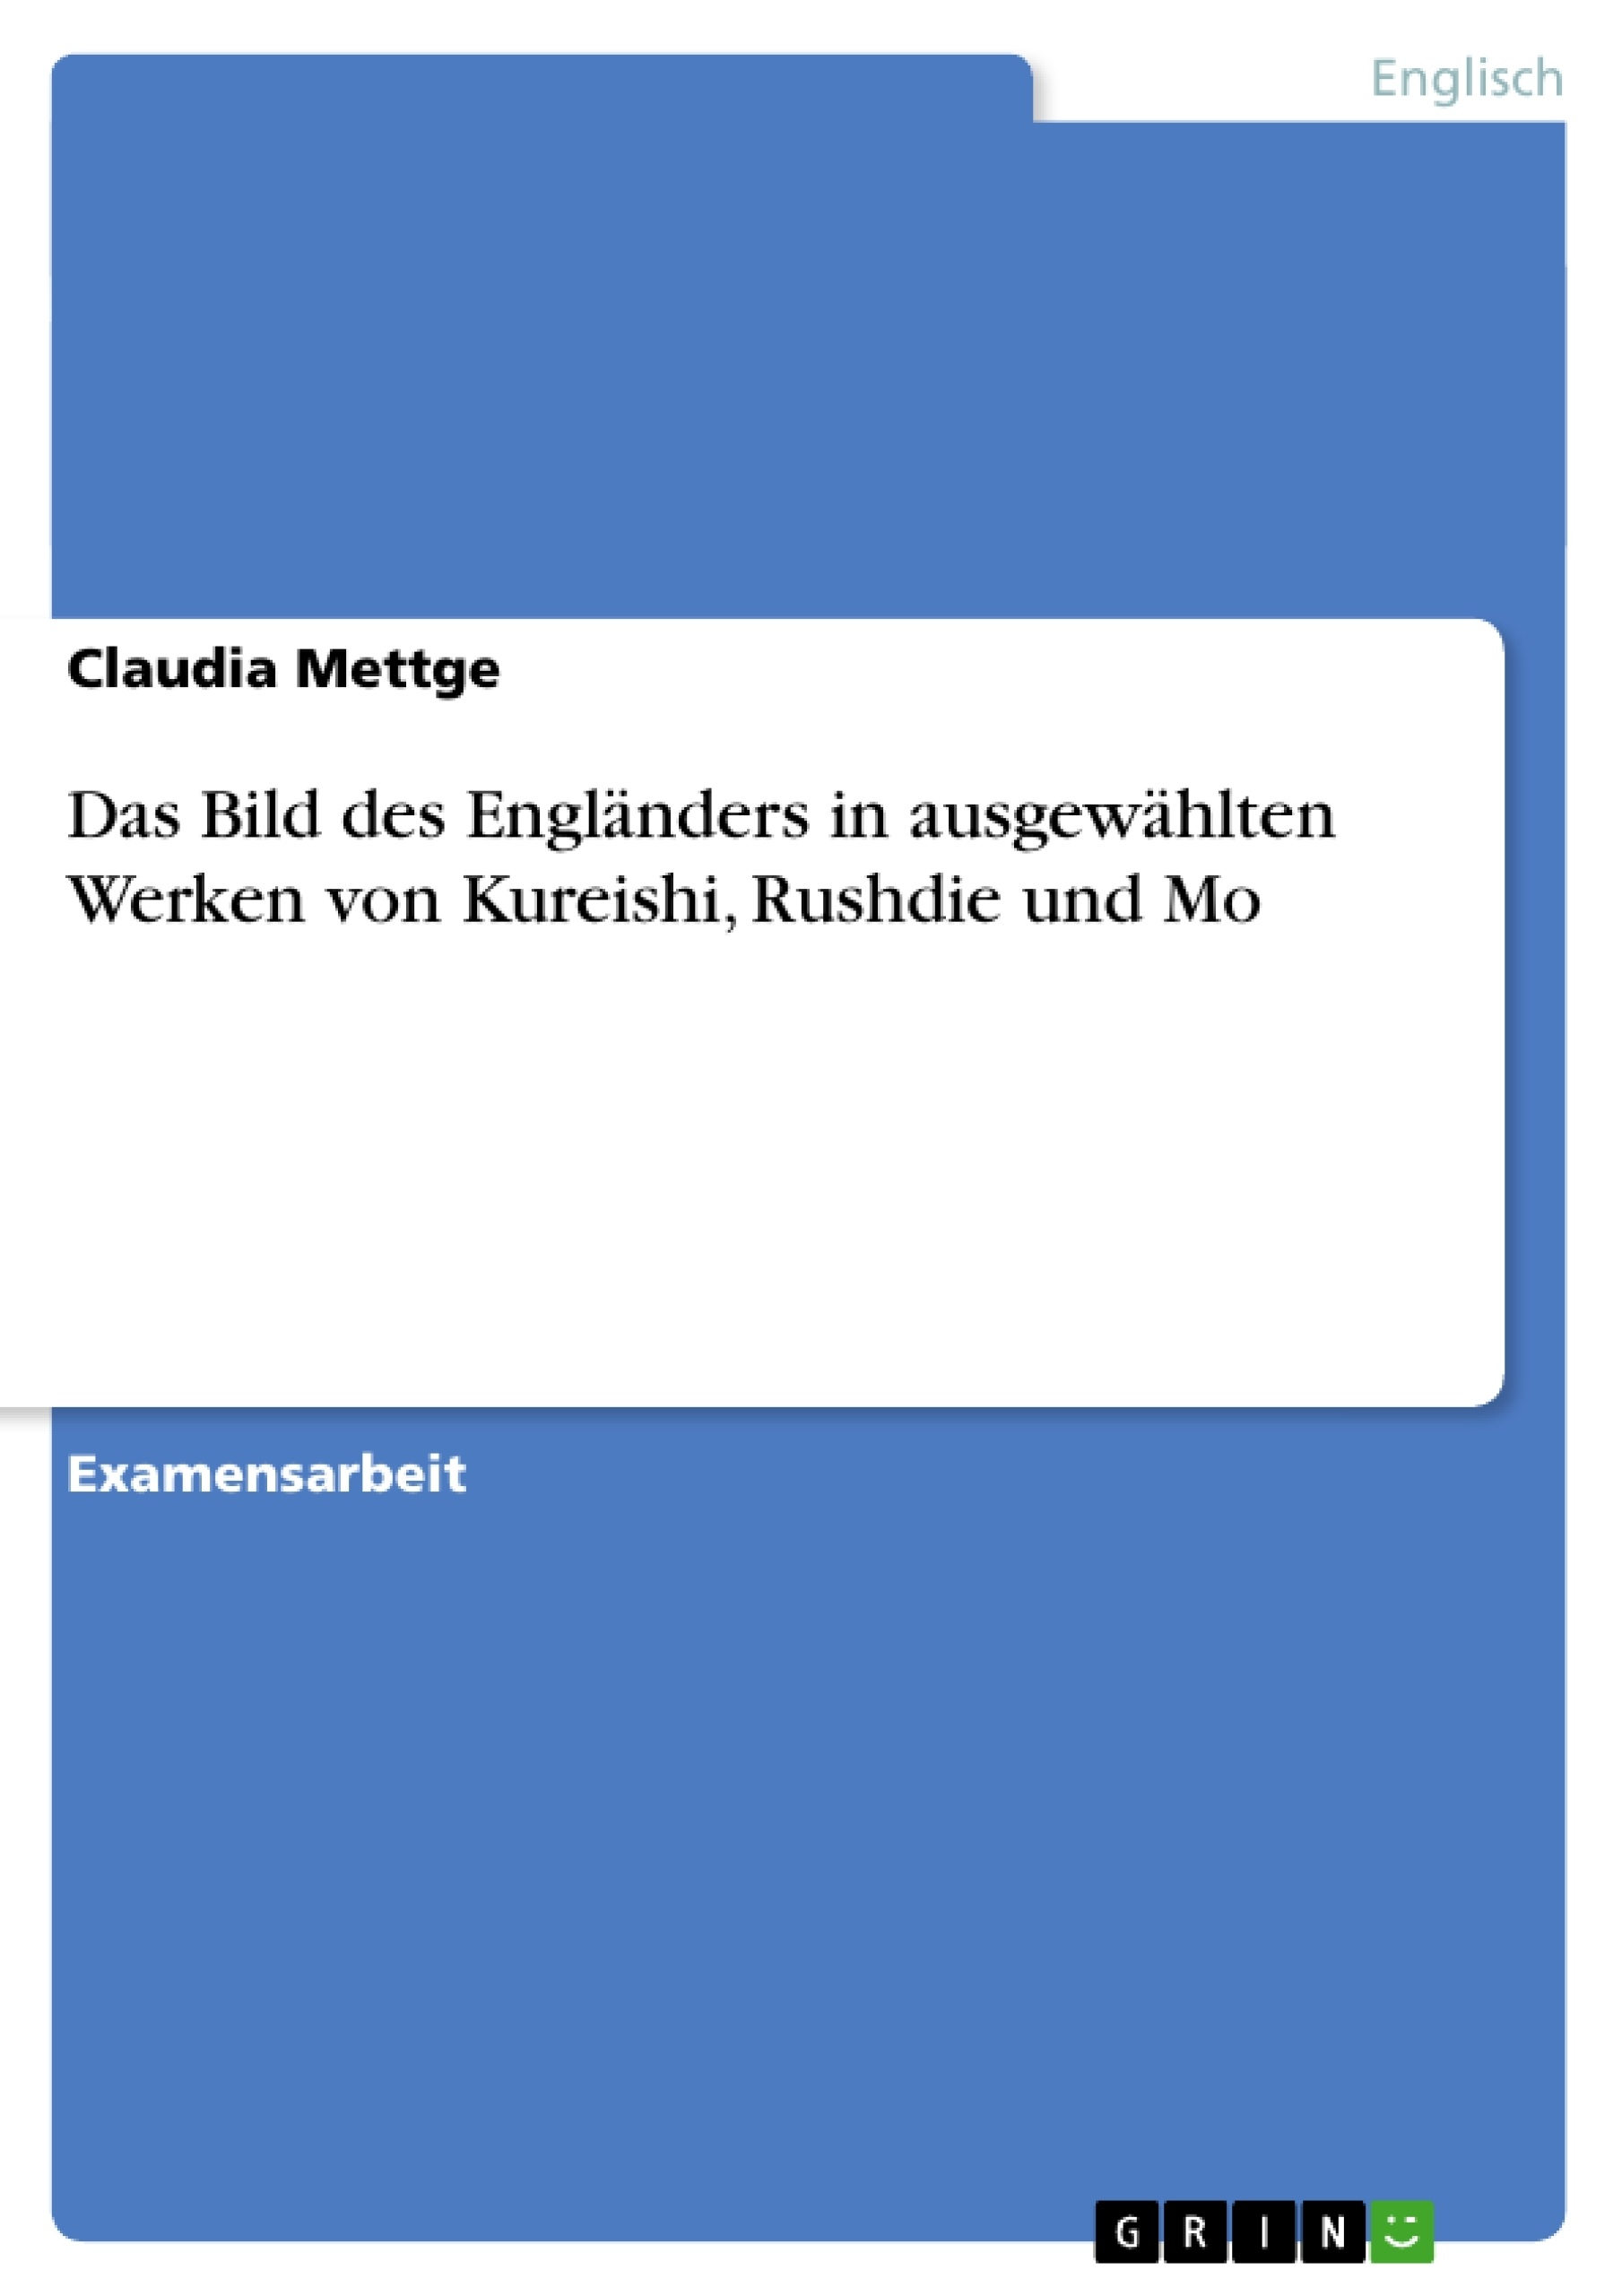 Titel: Das Bild des Engländers in ausgewählten Werken von Kureishi, Rushdie und Mo